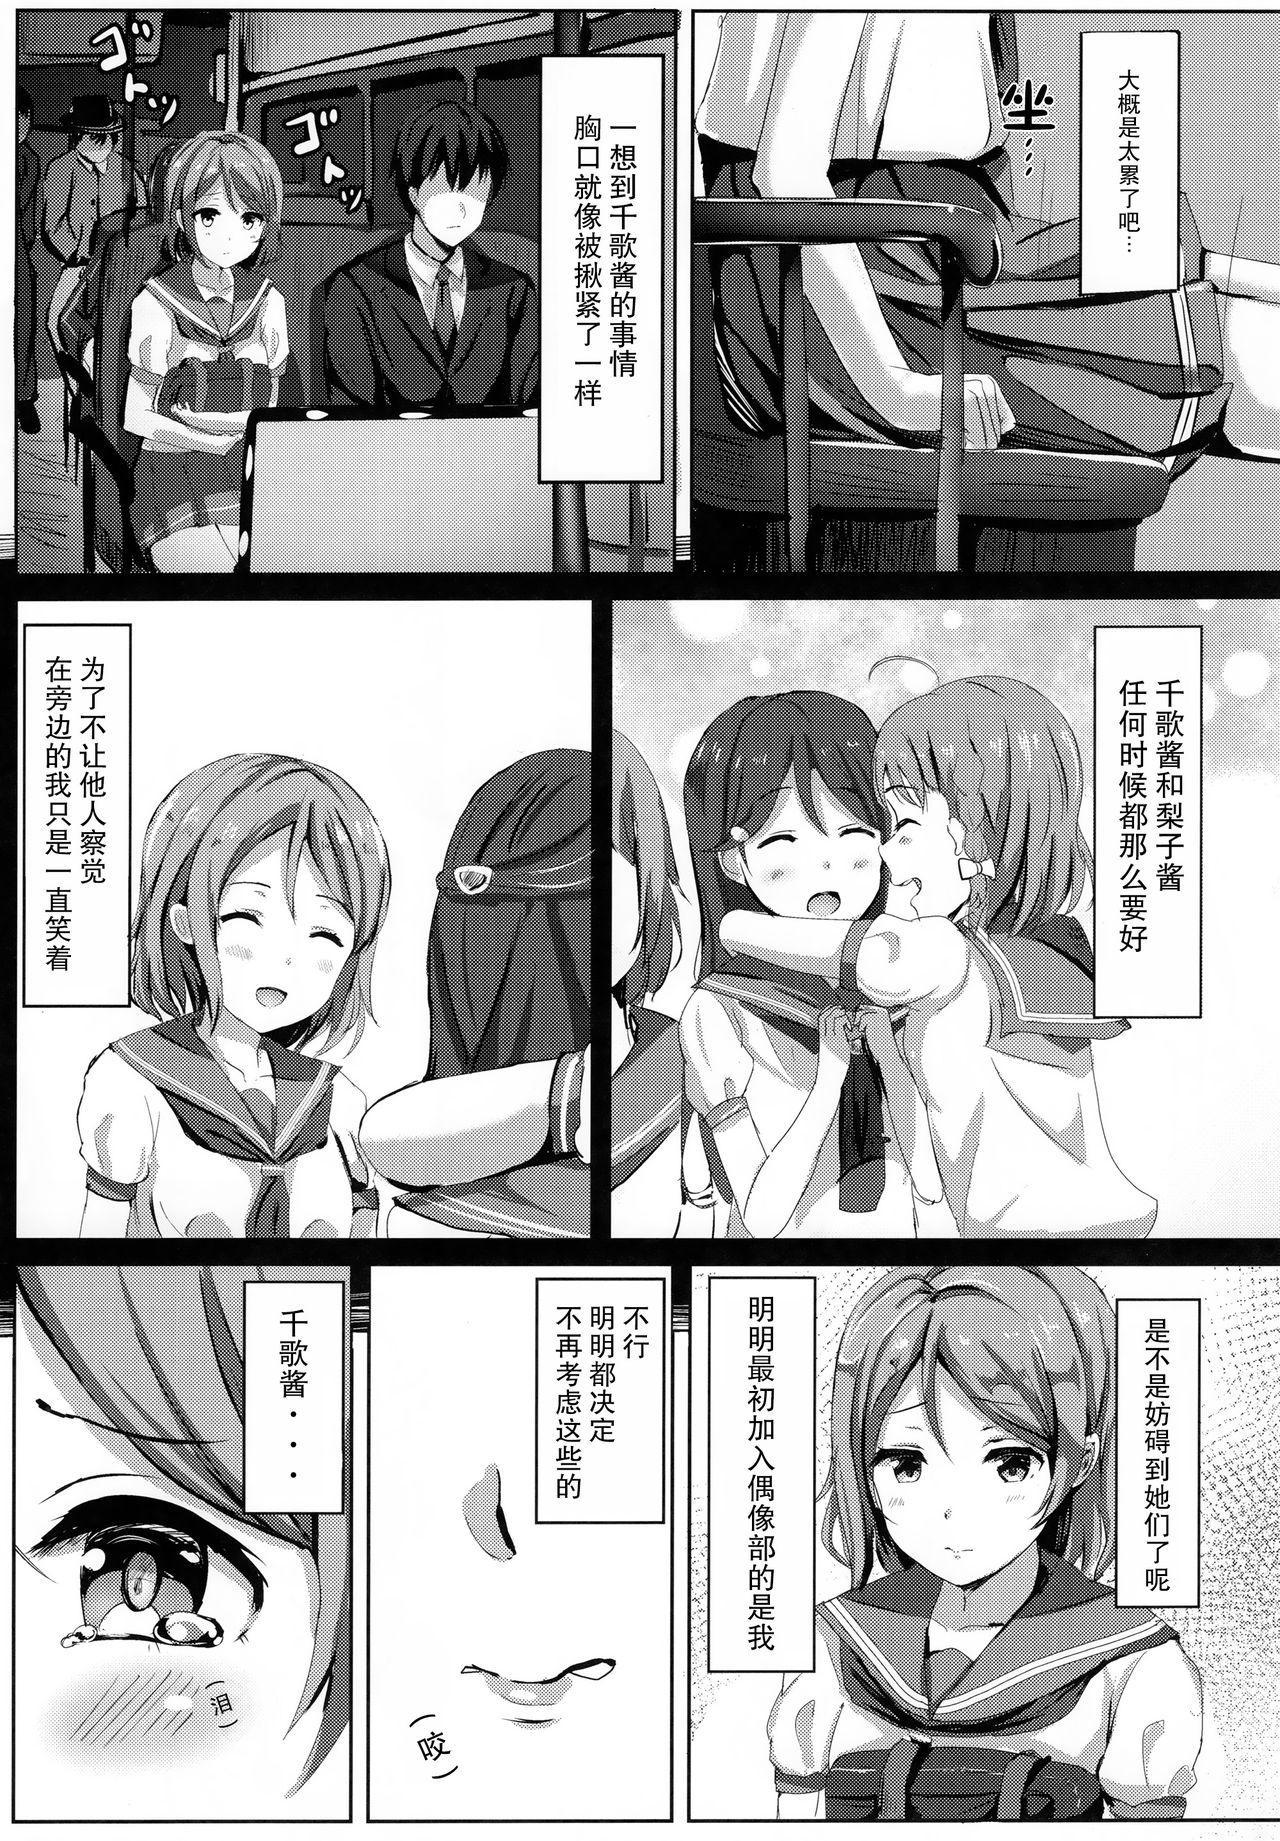 Ichiya no shitto youbi 6